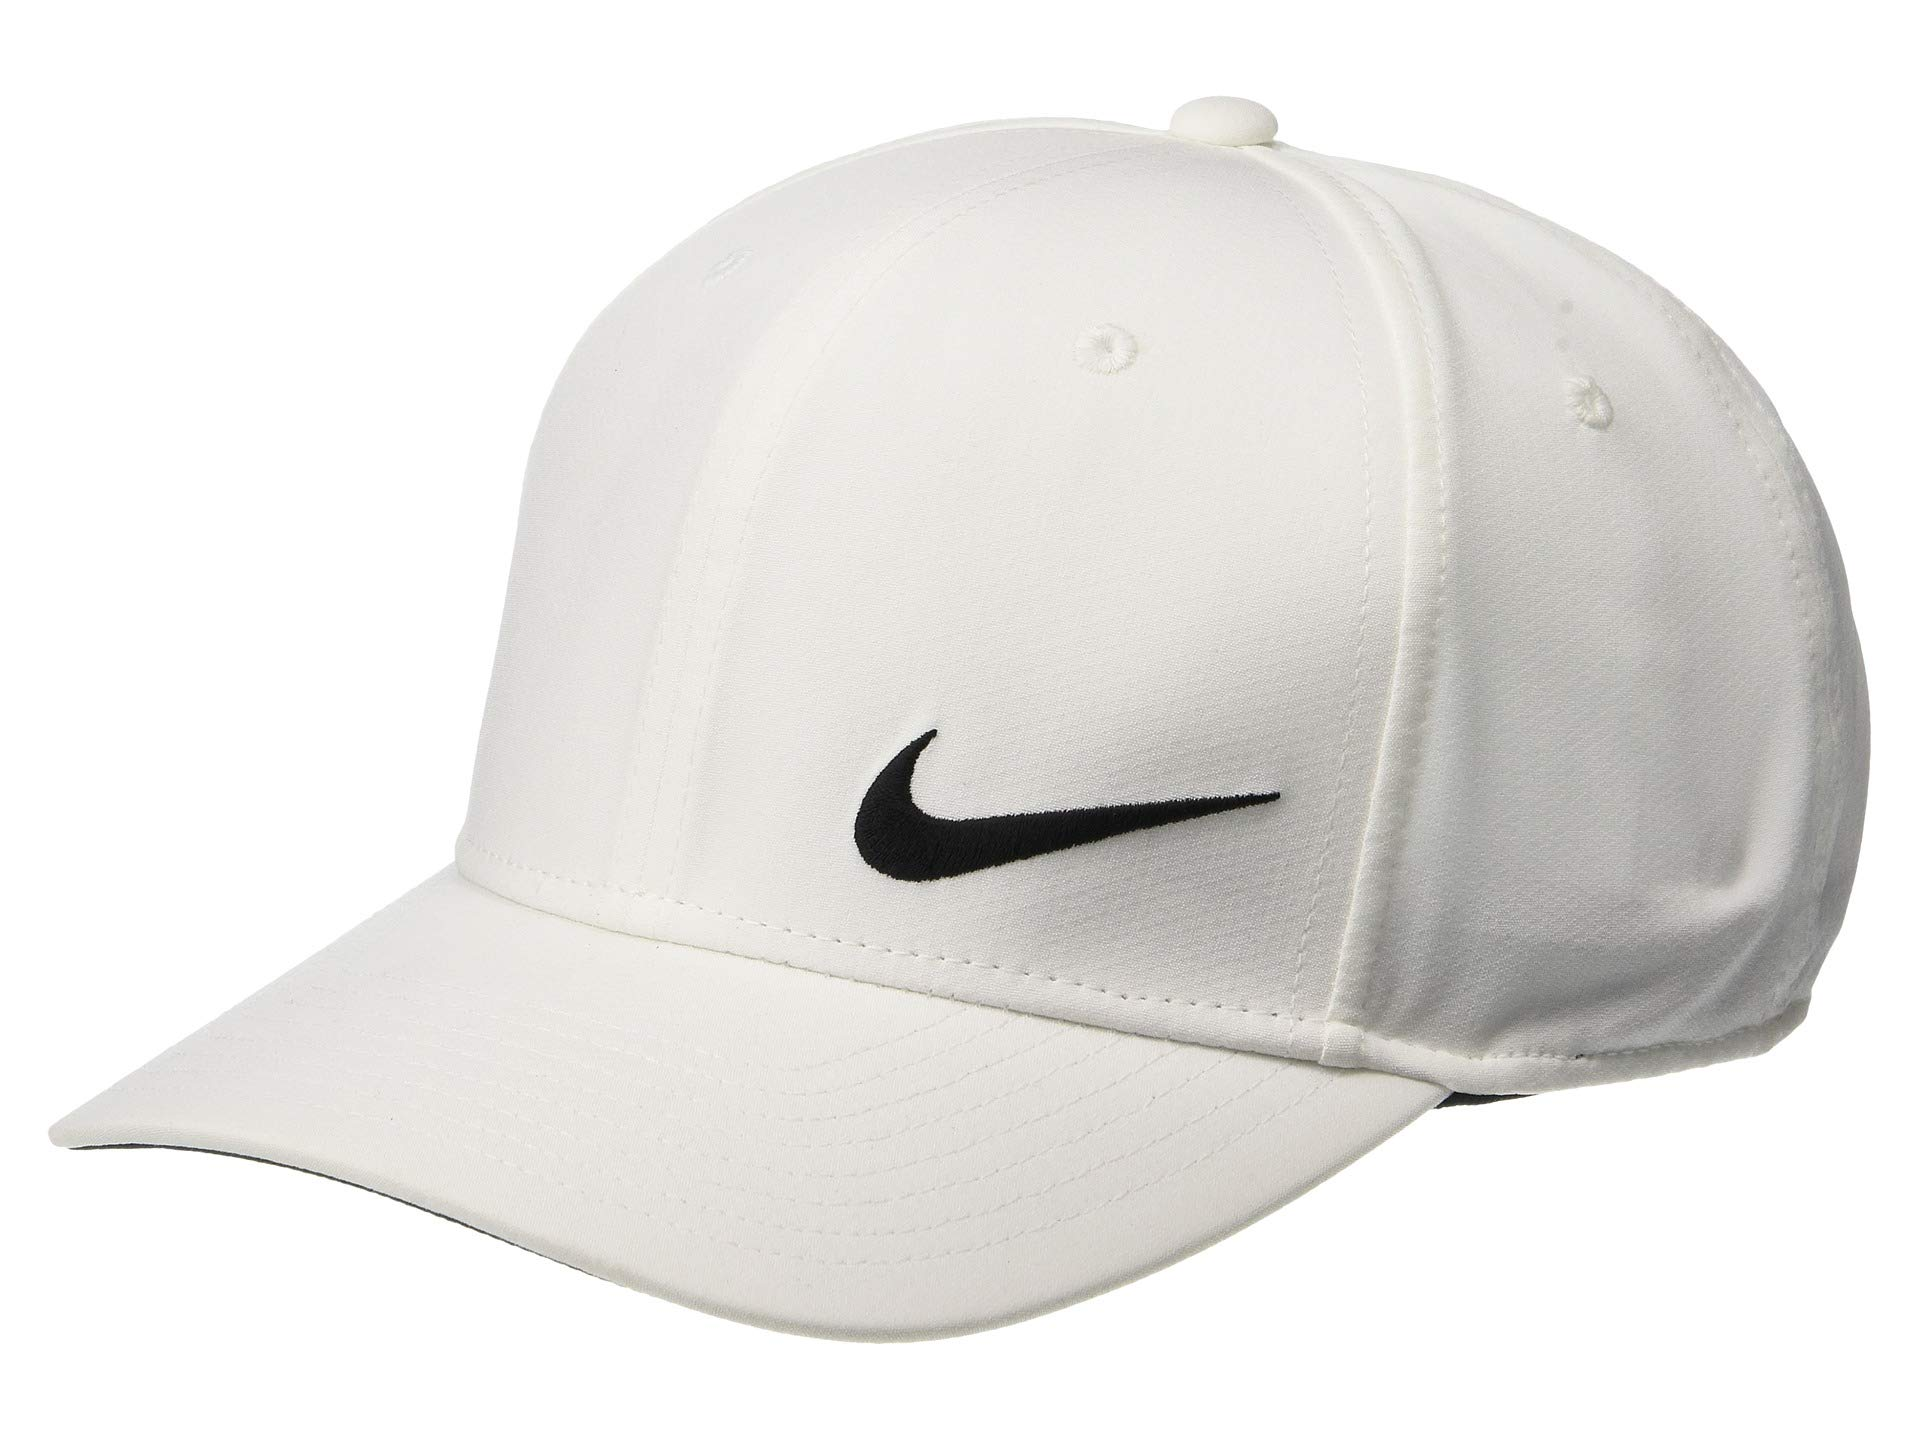 Nike Unisex Classic 99 Adjustable Golf Hat (White)